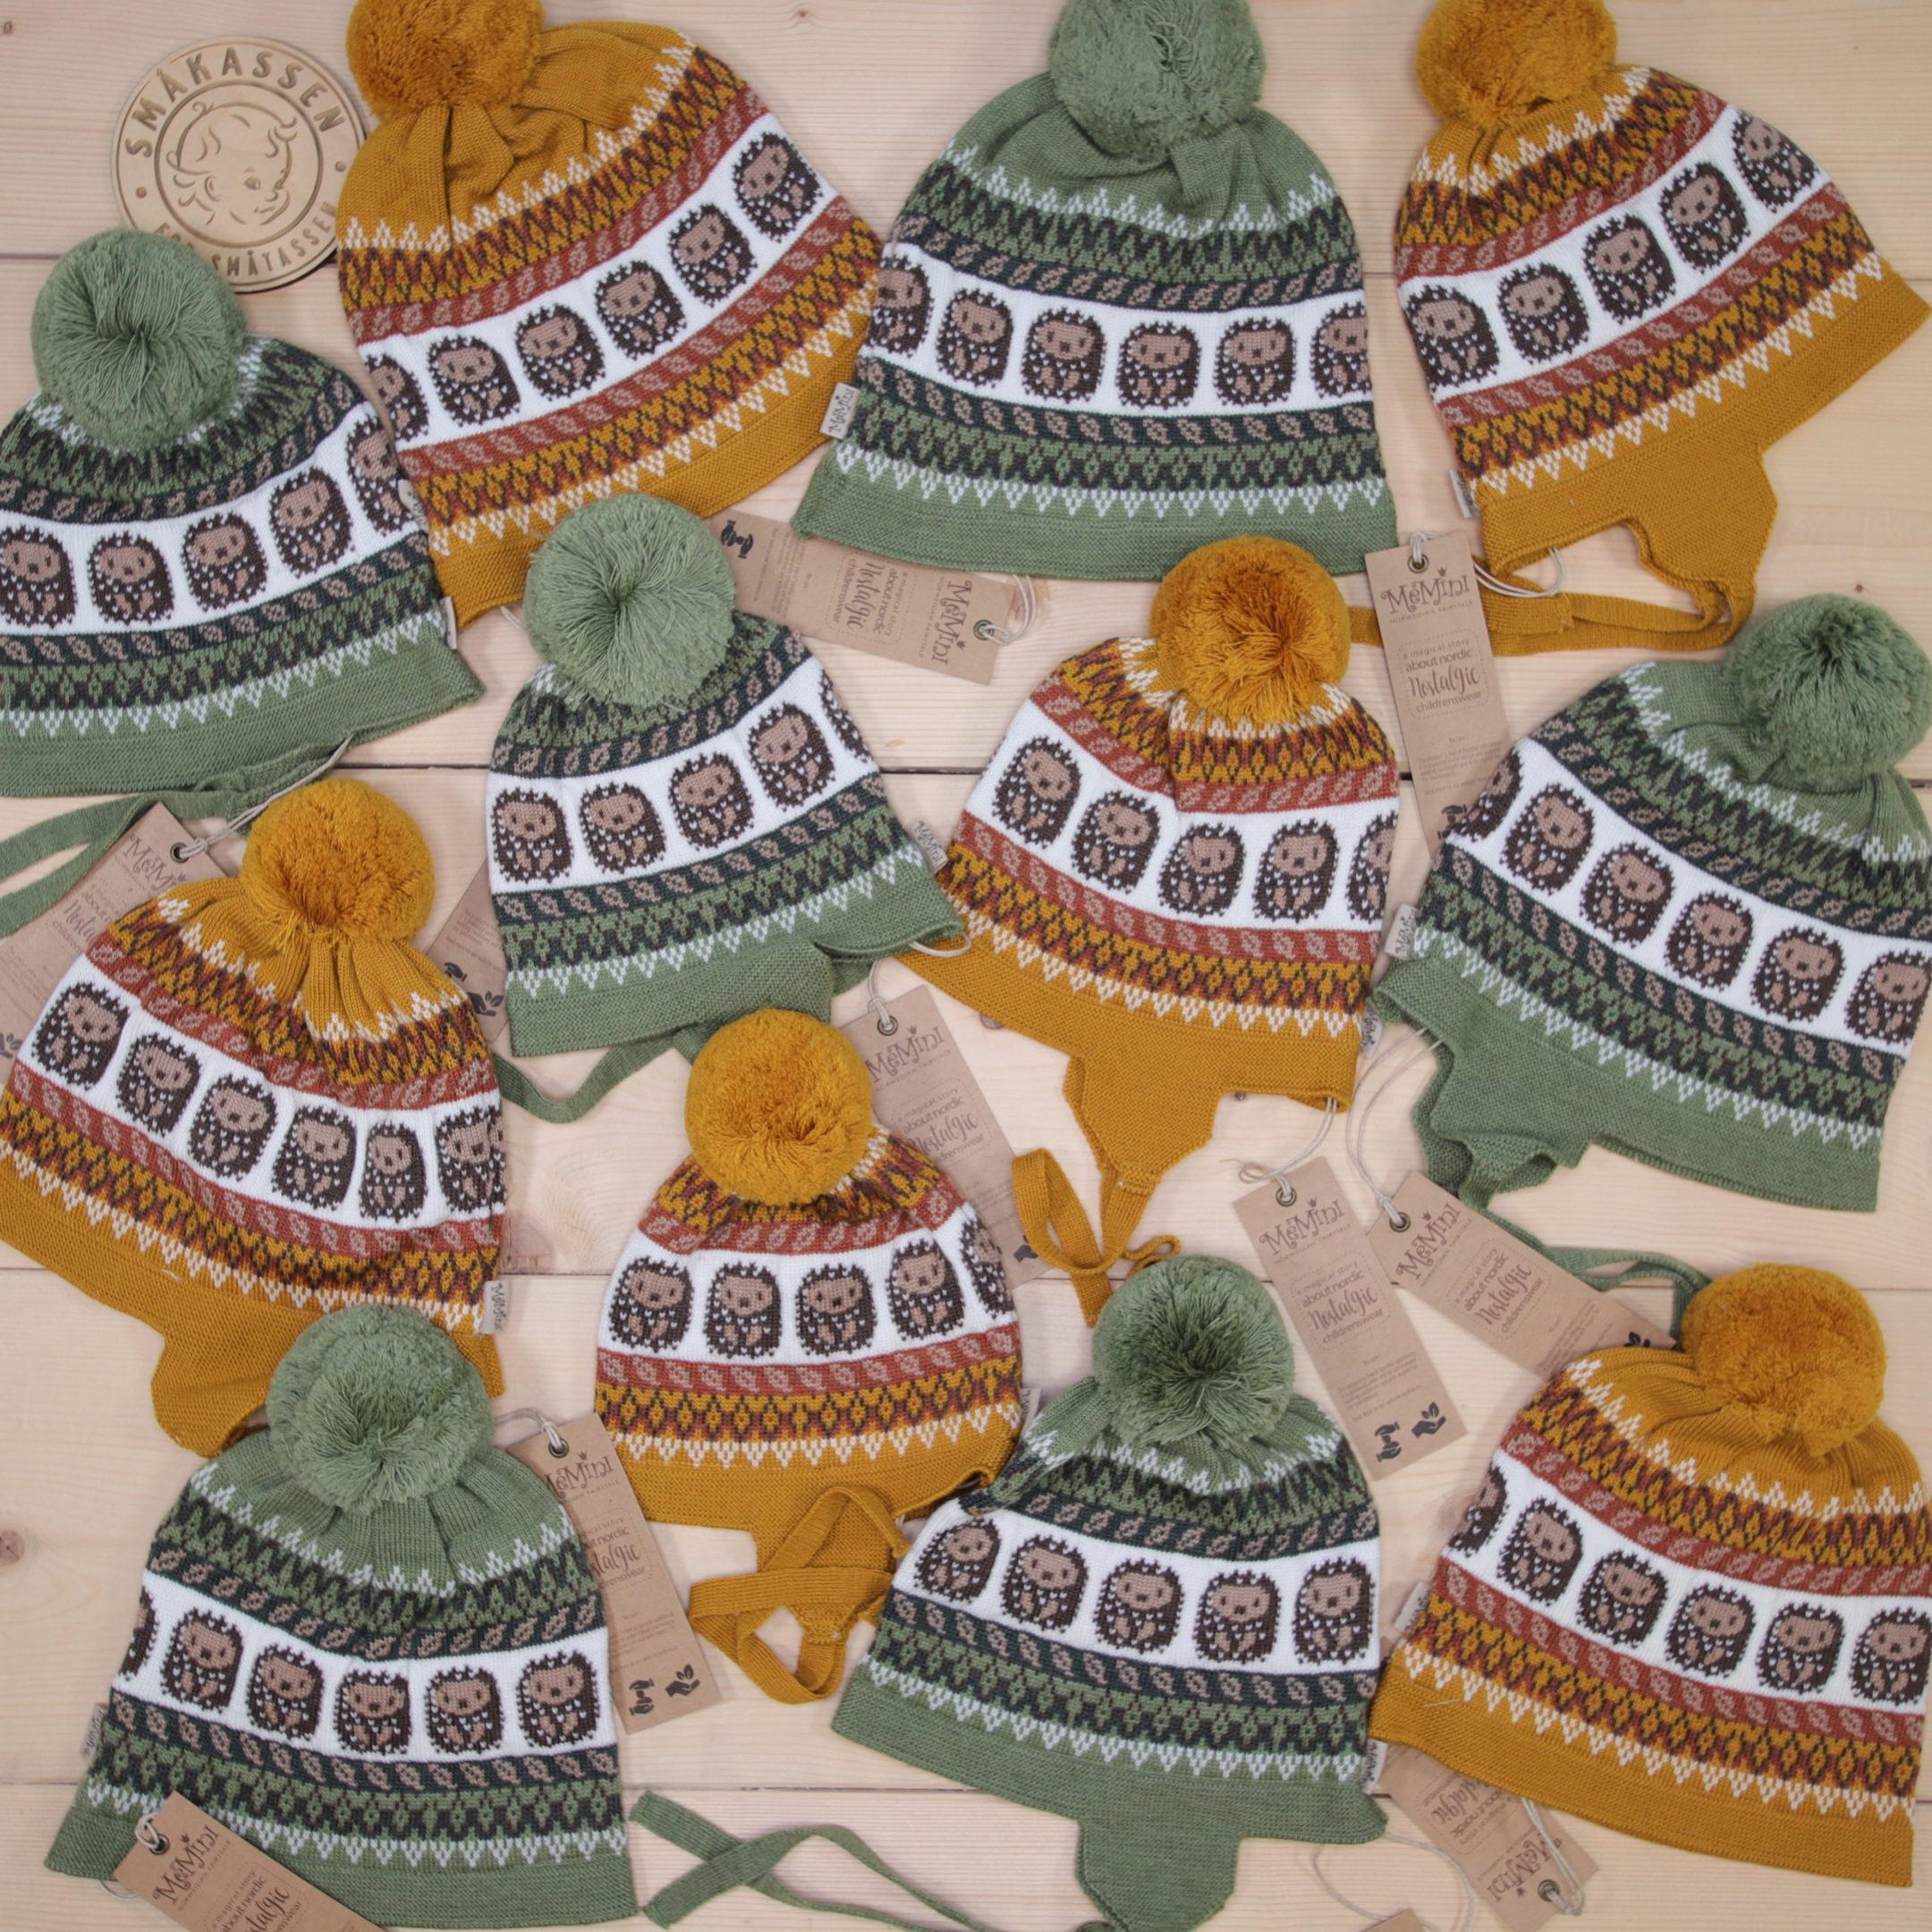 AW20 NEWS: Cute hats from MeMini 🦔😍 #memini #AW20 #news @memini.no  Dette er Småpakke som vi forberedte  i stilen cute